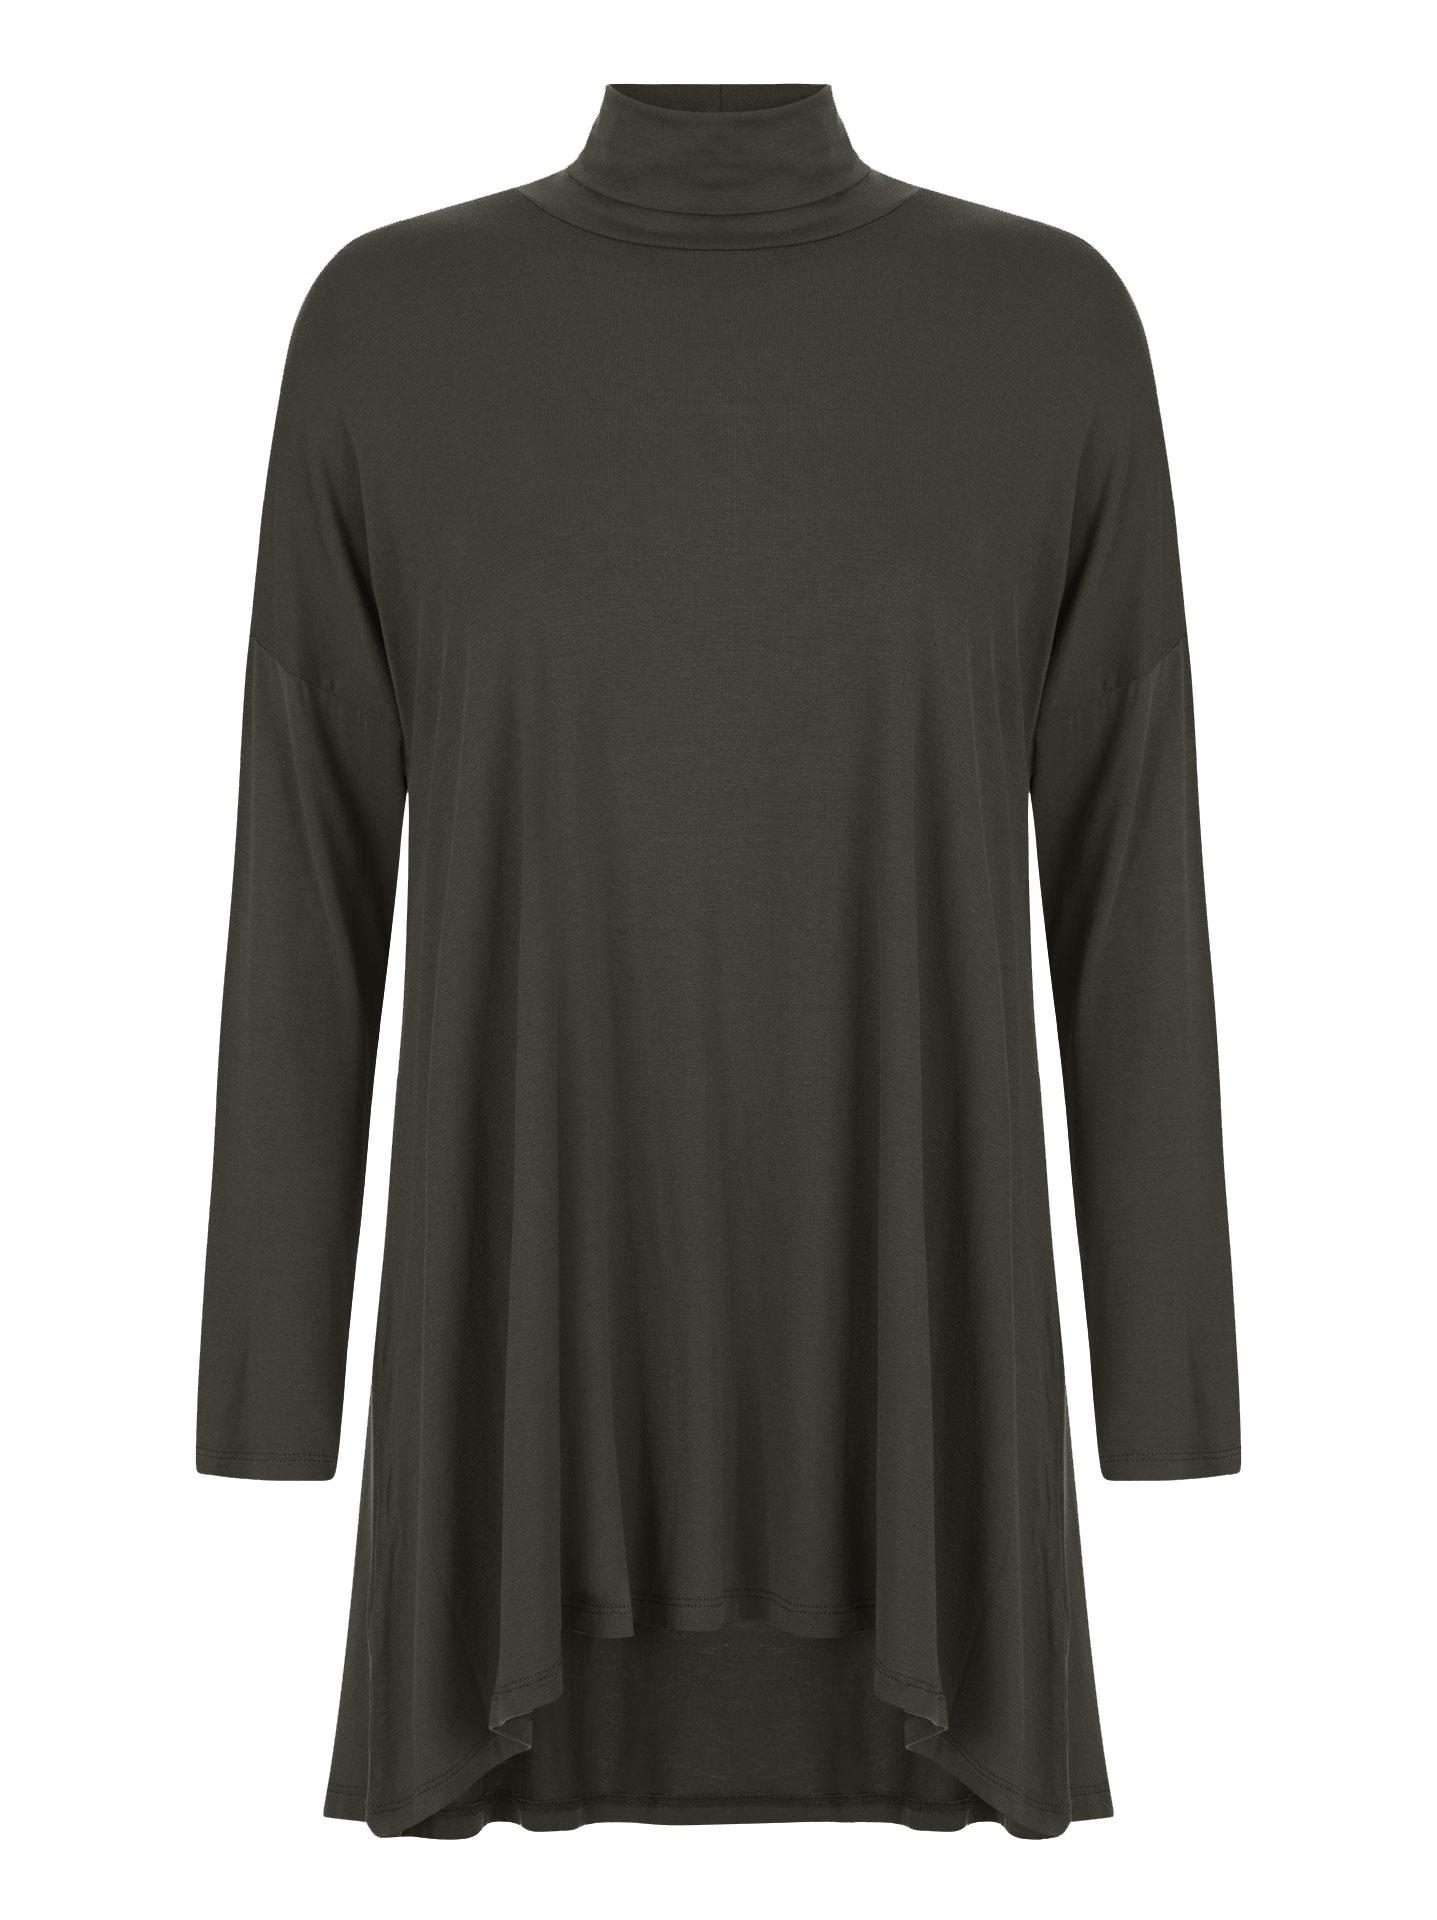 Μακριά ζιβάγκο μπλούζα σε ανθρακι 1f197dbafd7